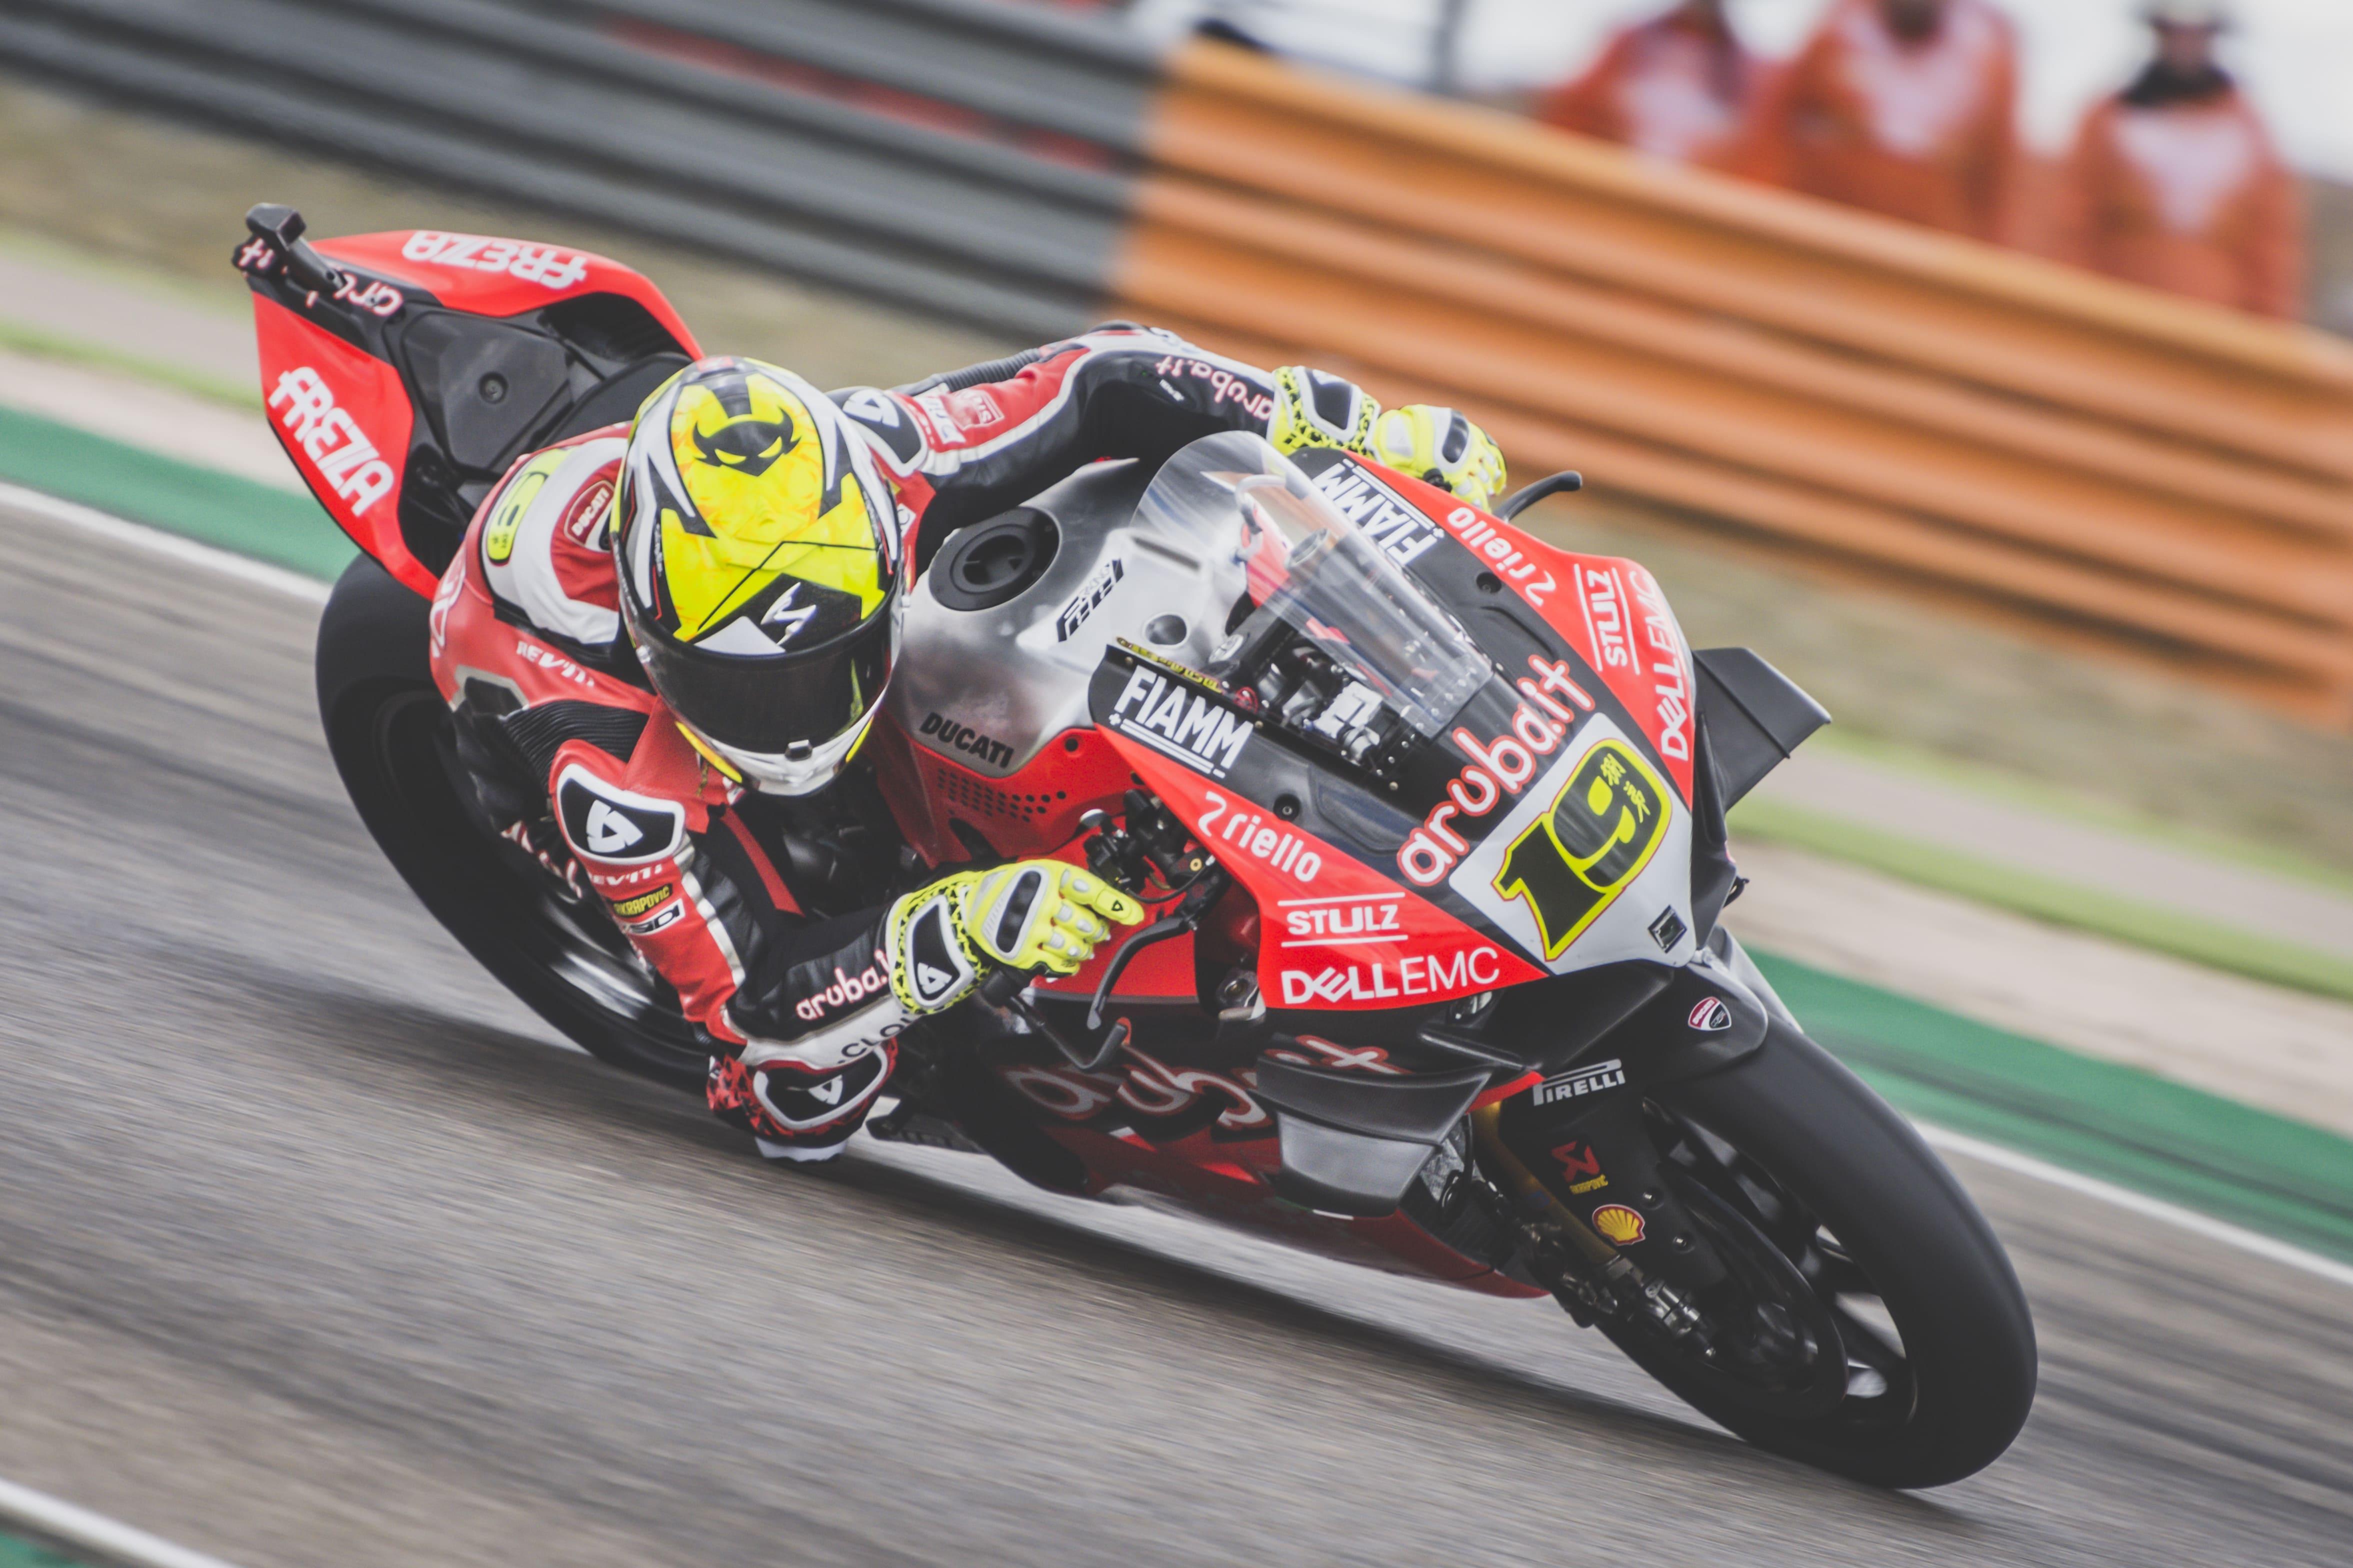 Un intratable Alvaro Bautista se lleva la victoria en Motorland Aragon